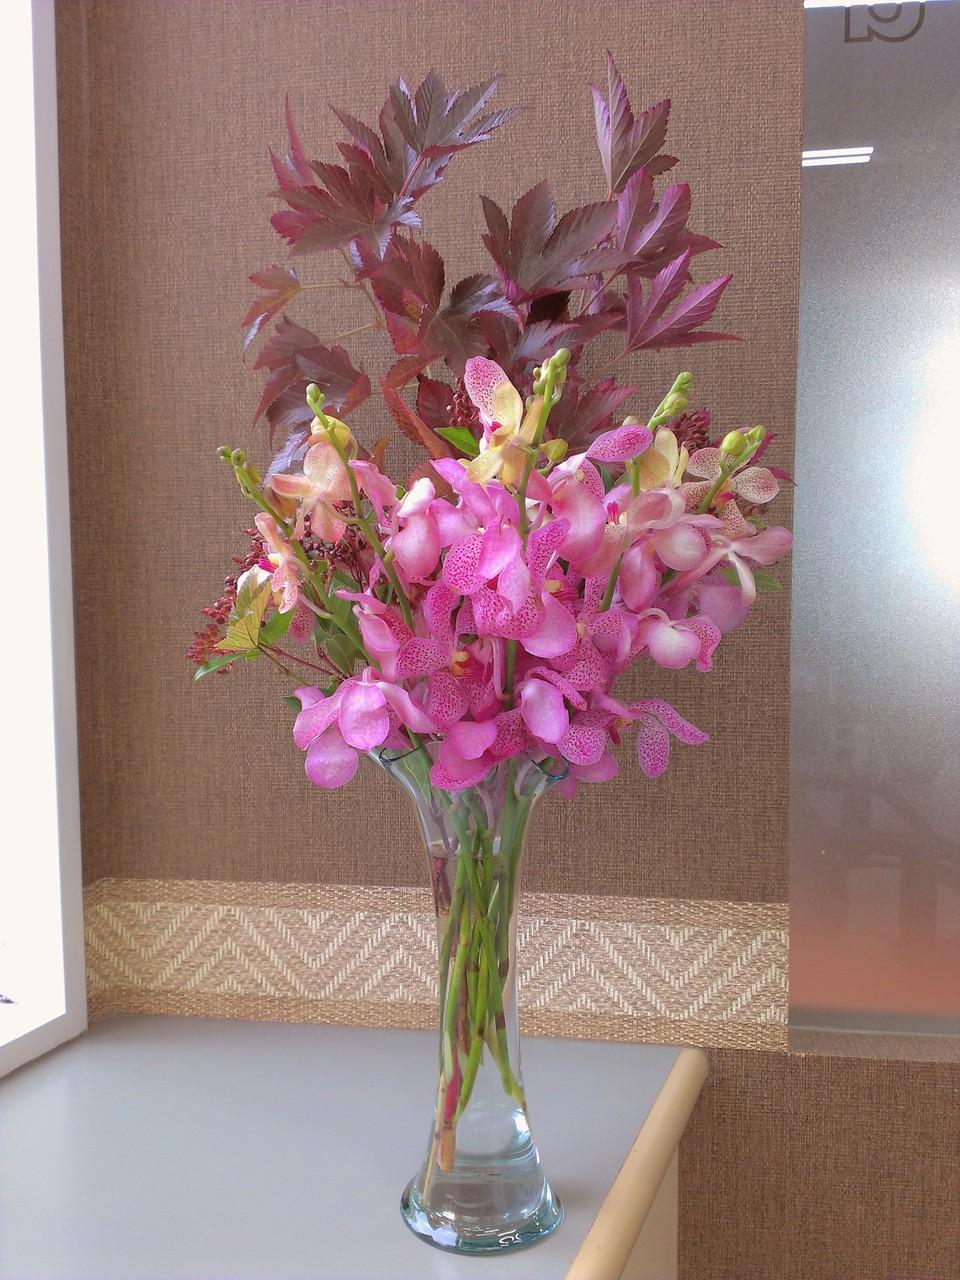 2014.10.15 デンファレ、キイチゴ、ビバーナムティナス(常盤ガマズミ) ・肉厚でかわいいピンク色をしたデンファレ、背が高く紫色した葉っぱがまるで人間の手の平を広げたような形をしているキイチゴ、赤紫色した実がたわわに実っているのがビバーナムティナスです。秋めくピンク色を基調としたお花たちです。花言葉 デンファレ【お似合いの二人】、キイチゴ【謙遜、尊重される】、ビバーナムティナス【私を見て】